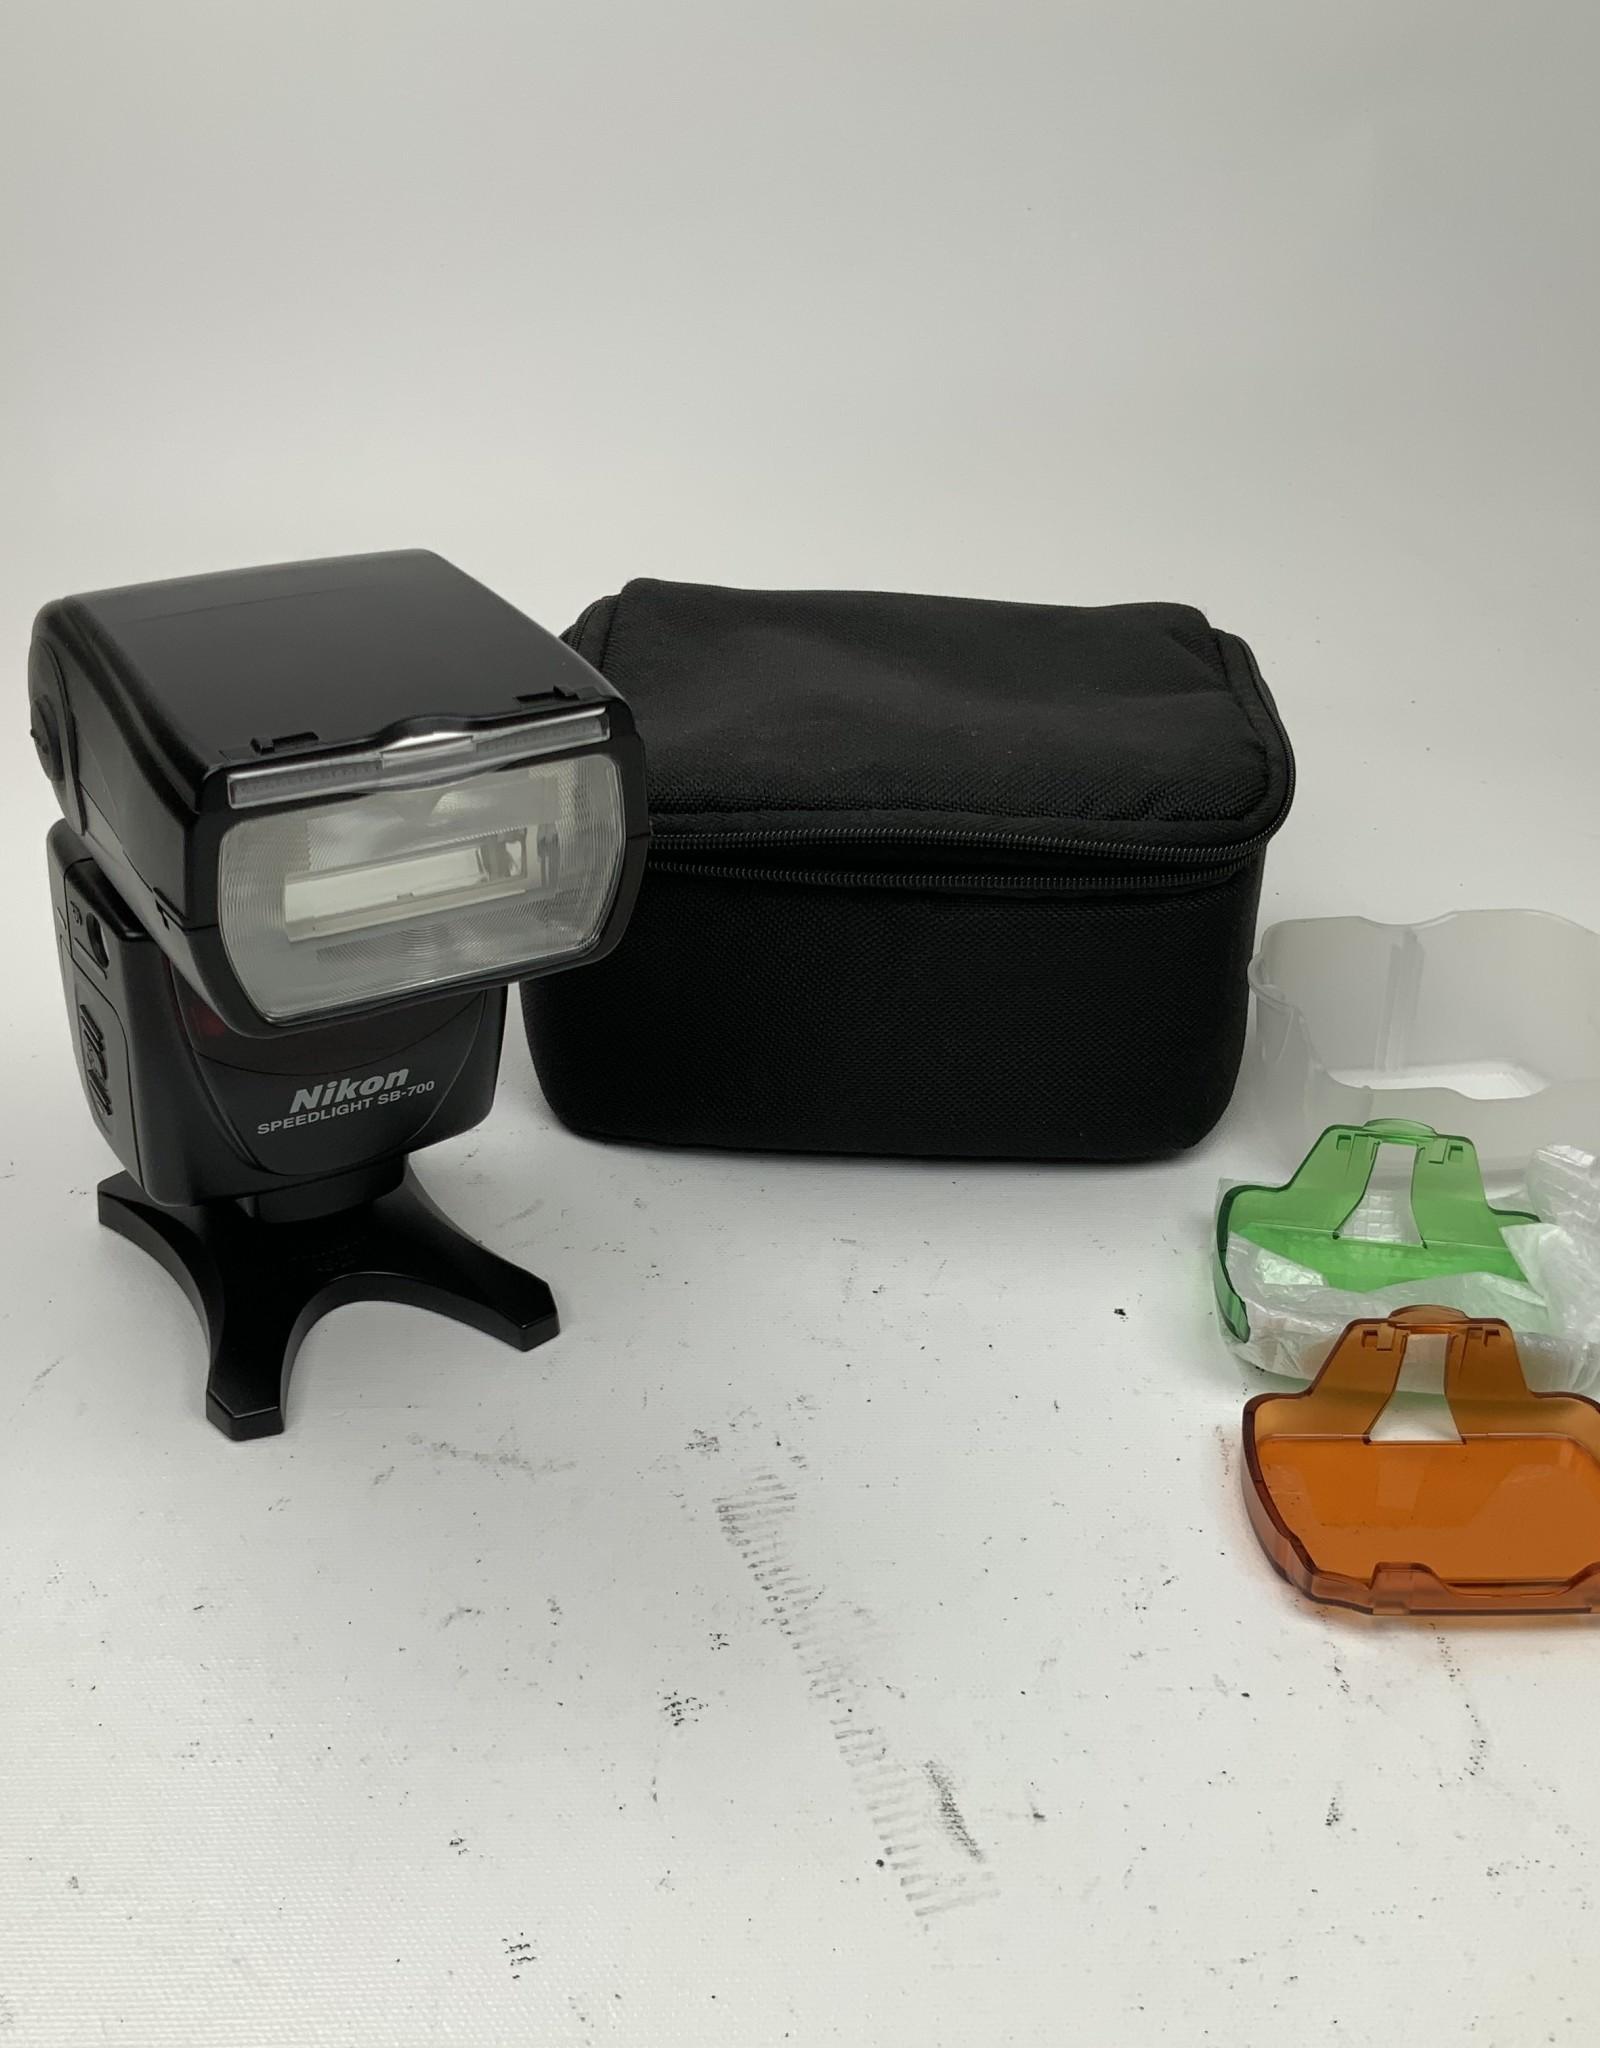 NIKON Nikon Speedlight SB-700 Flash Used EX